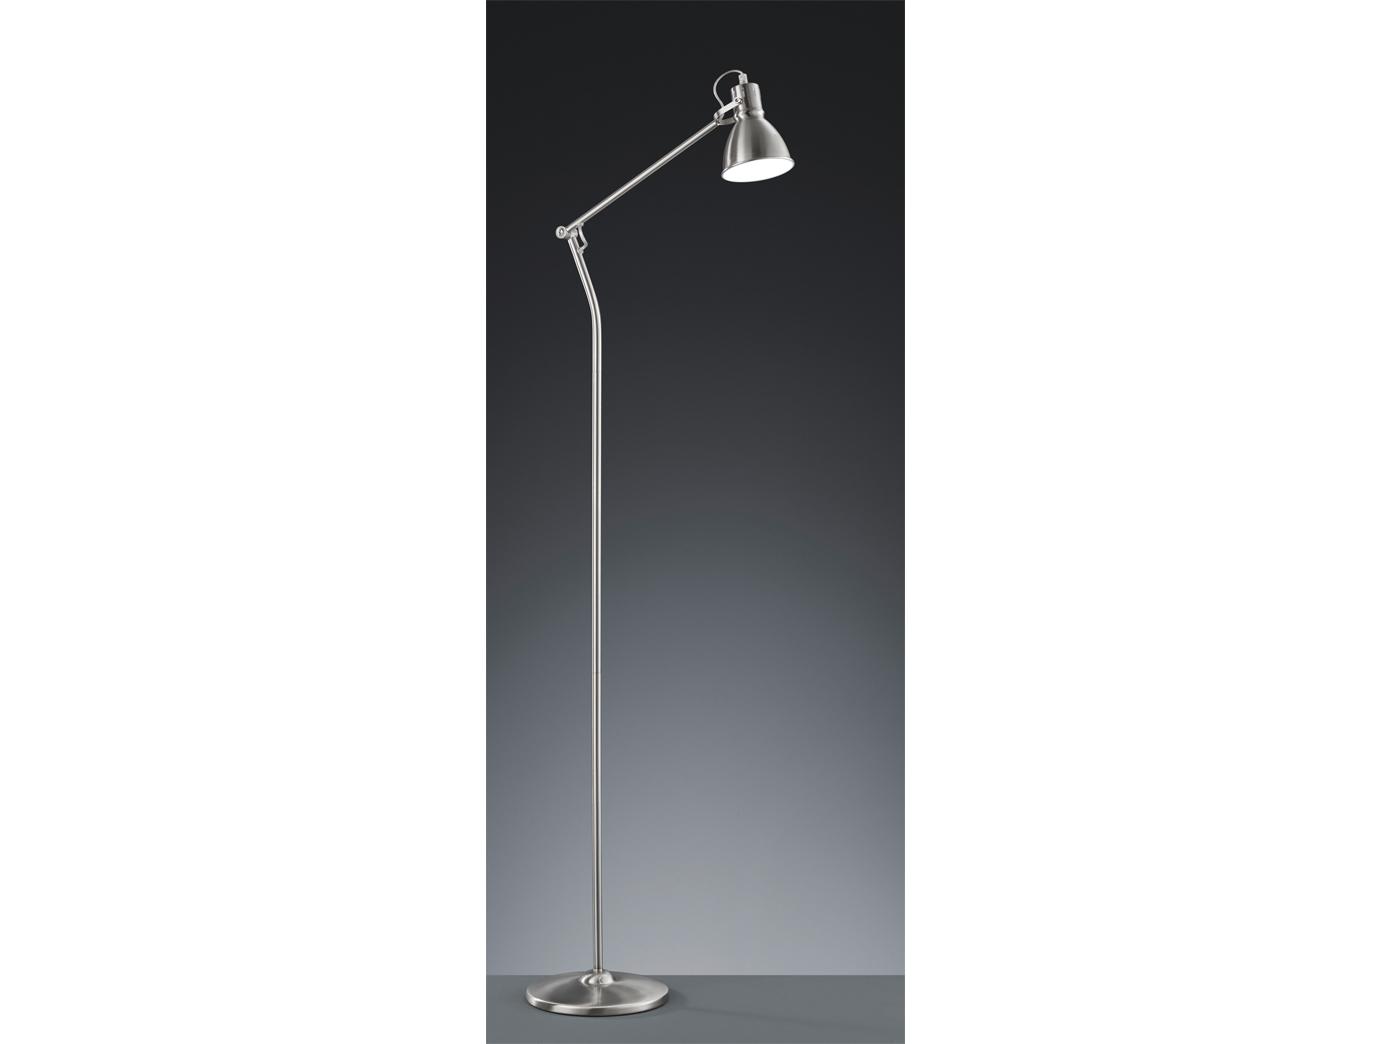 140cm Stehlampe schwenkbar Trio-Leuchten Altmessing klassisch